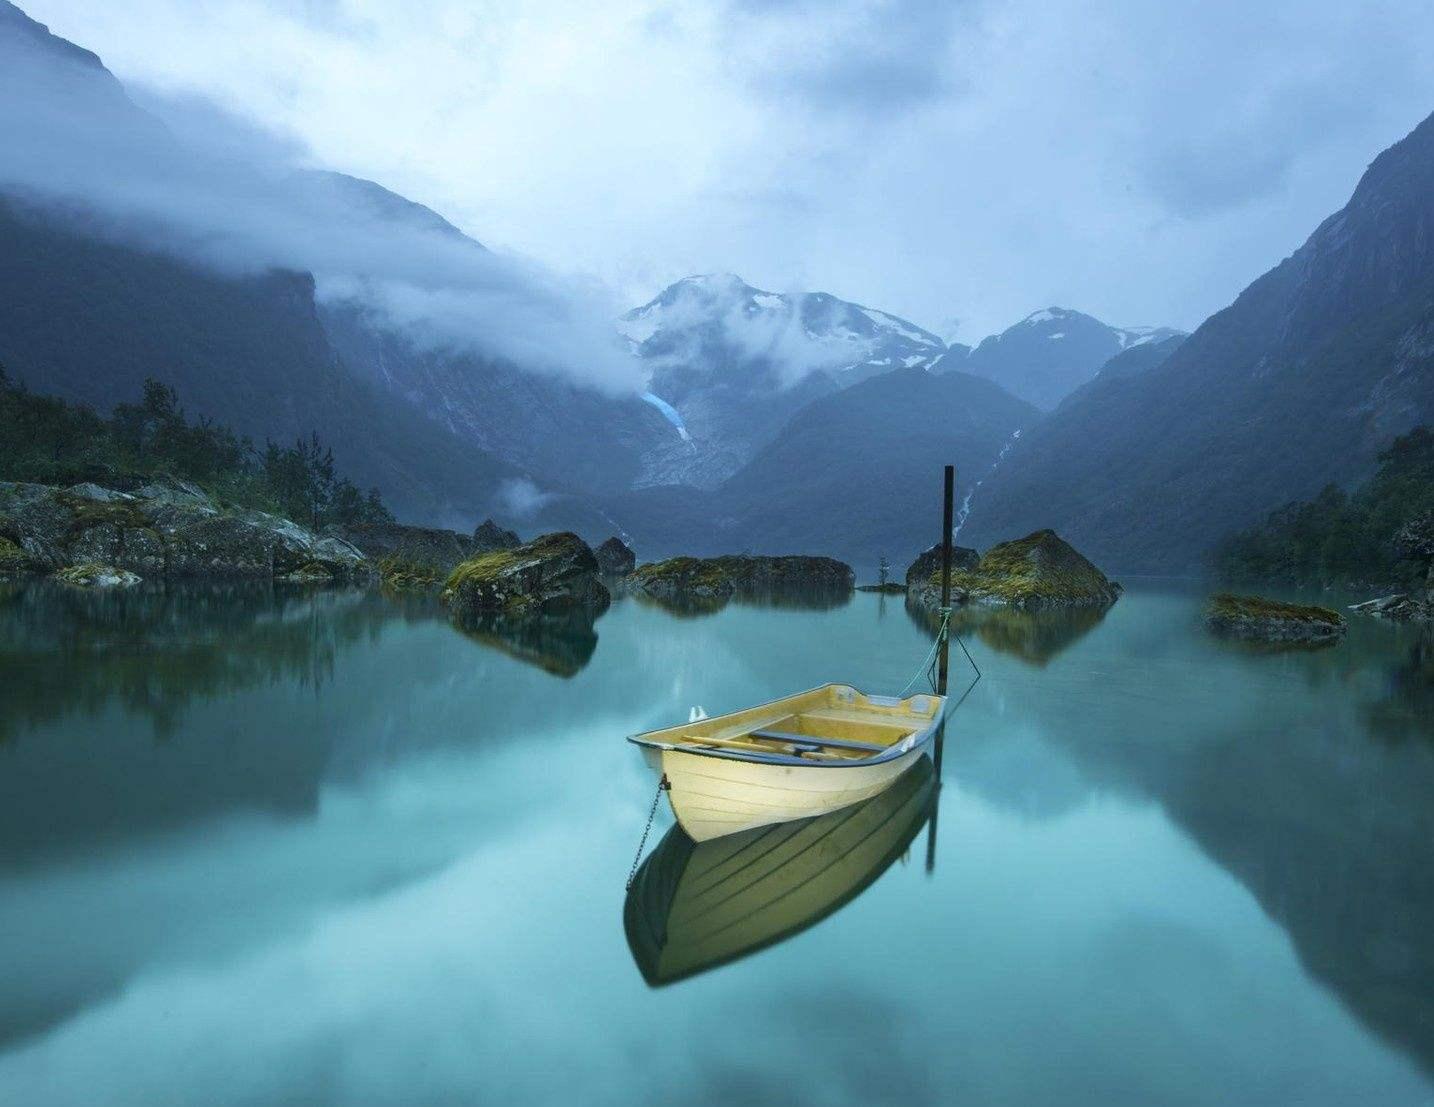 长江流域重要的调蓄湖泊,一般被称中国第二大淡水湖